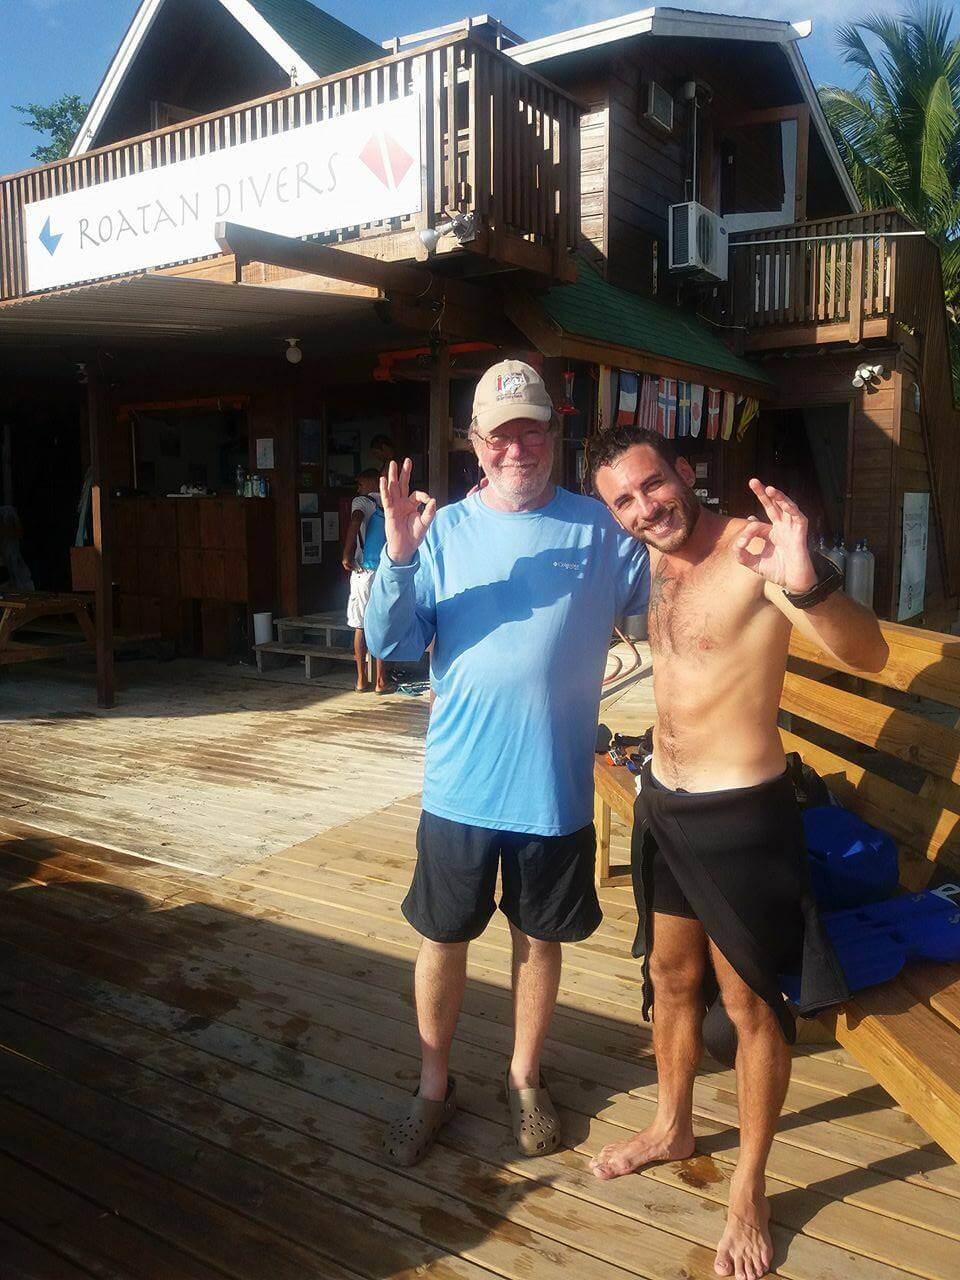 roatan cruise ship diving try